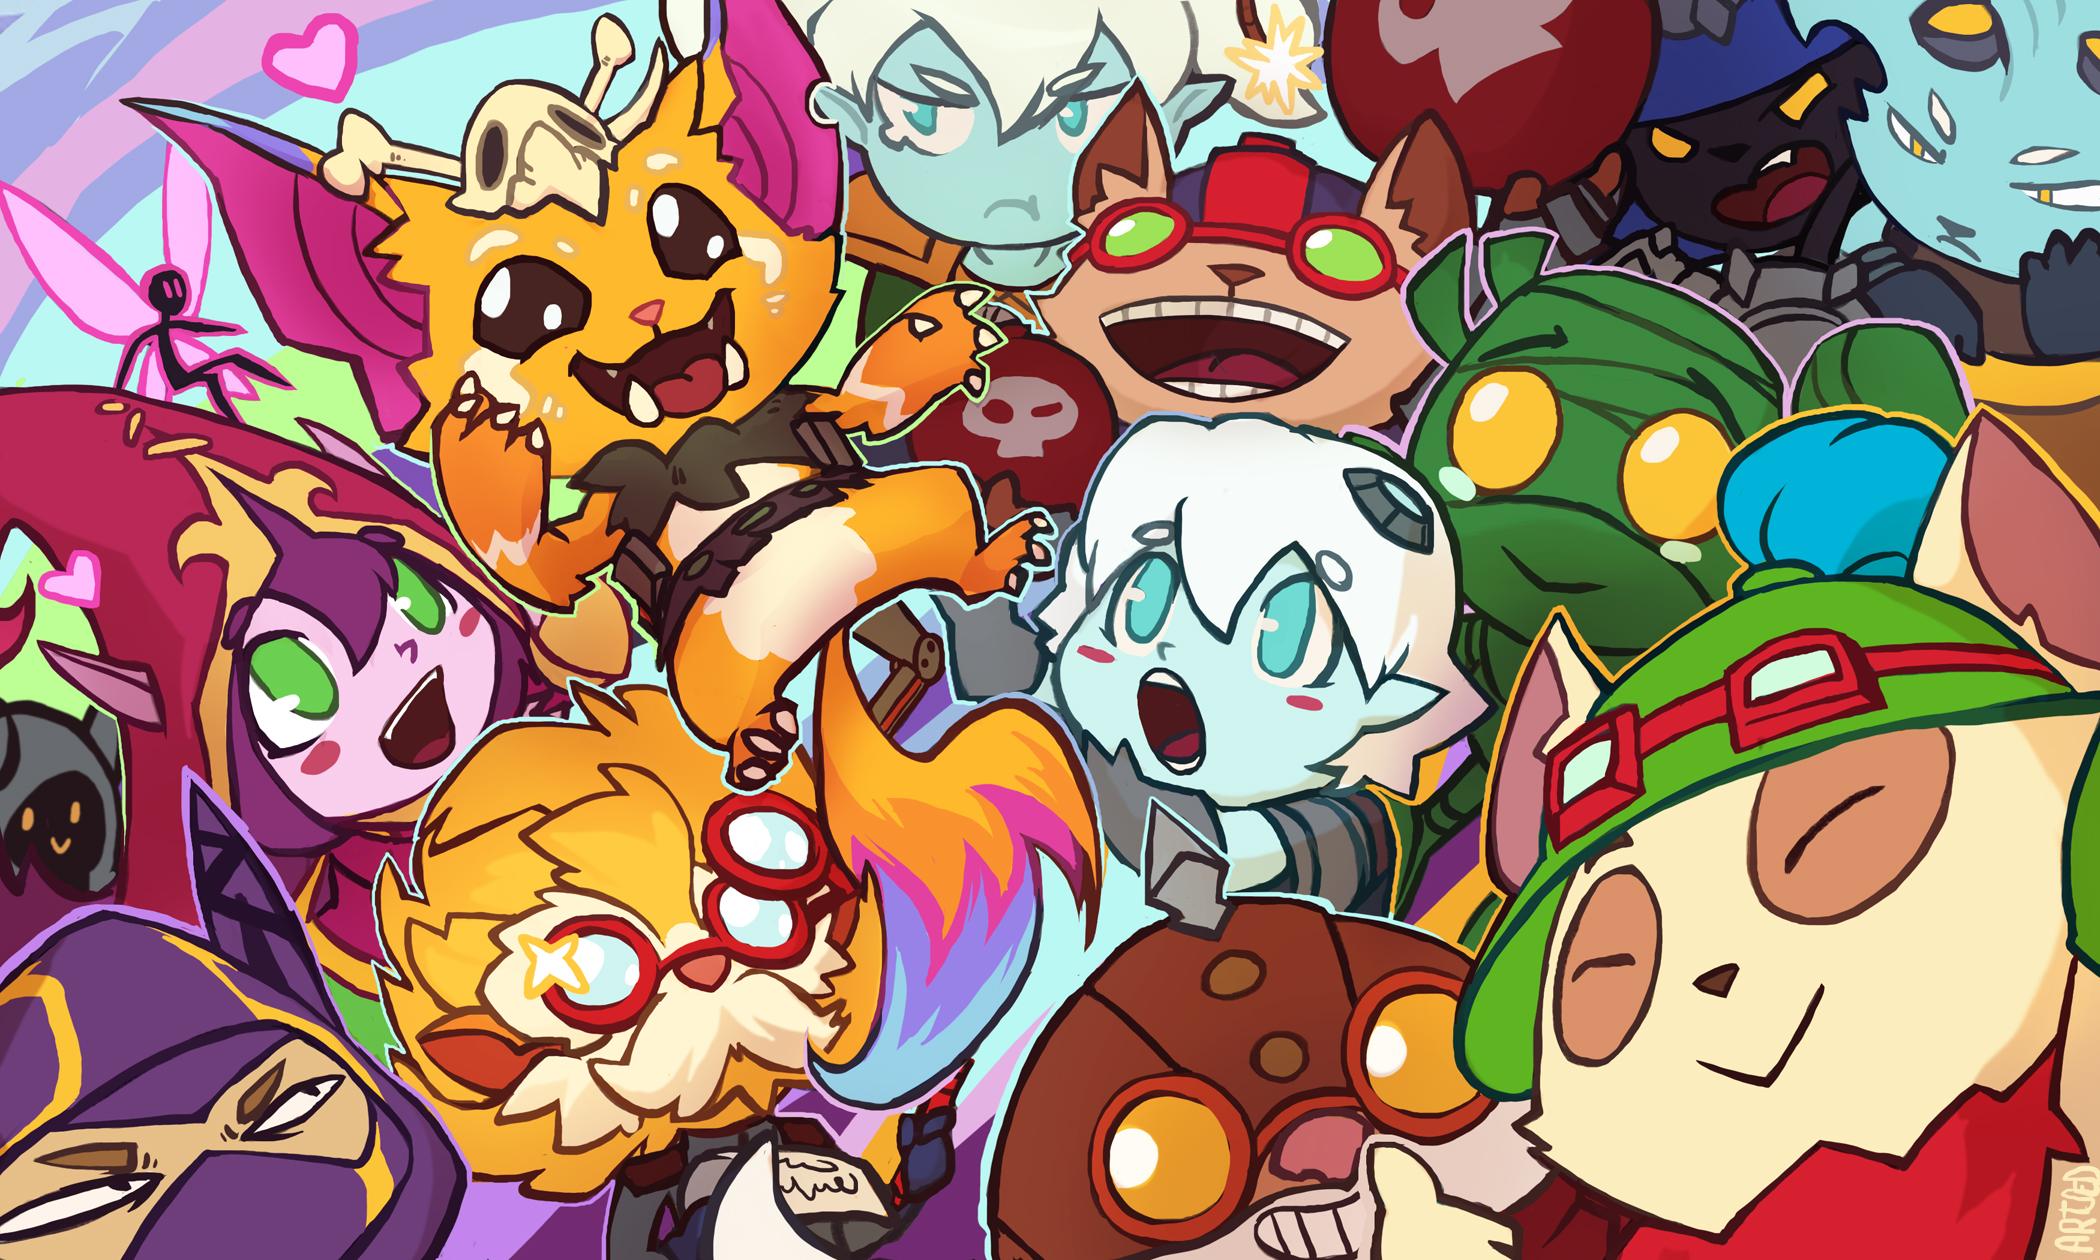 League Of Legends Wallpaper Page 2 Zerochan Anime Image Board